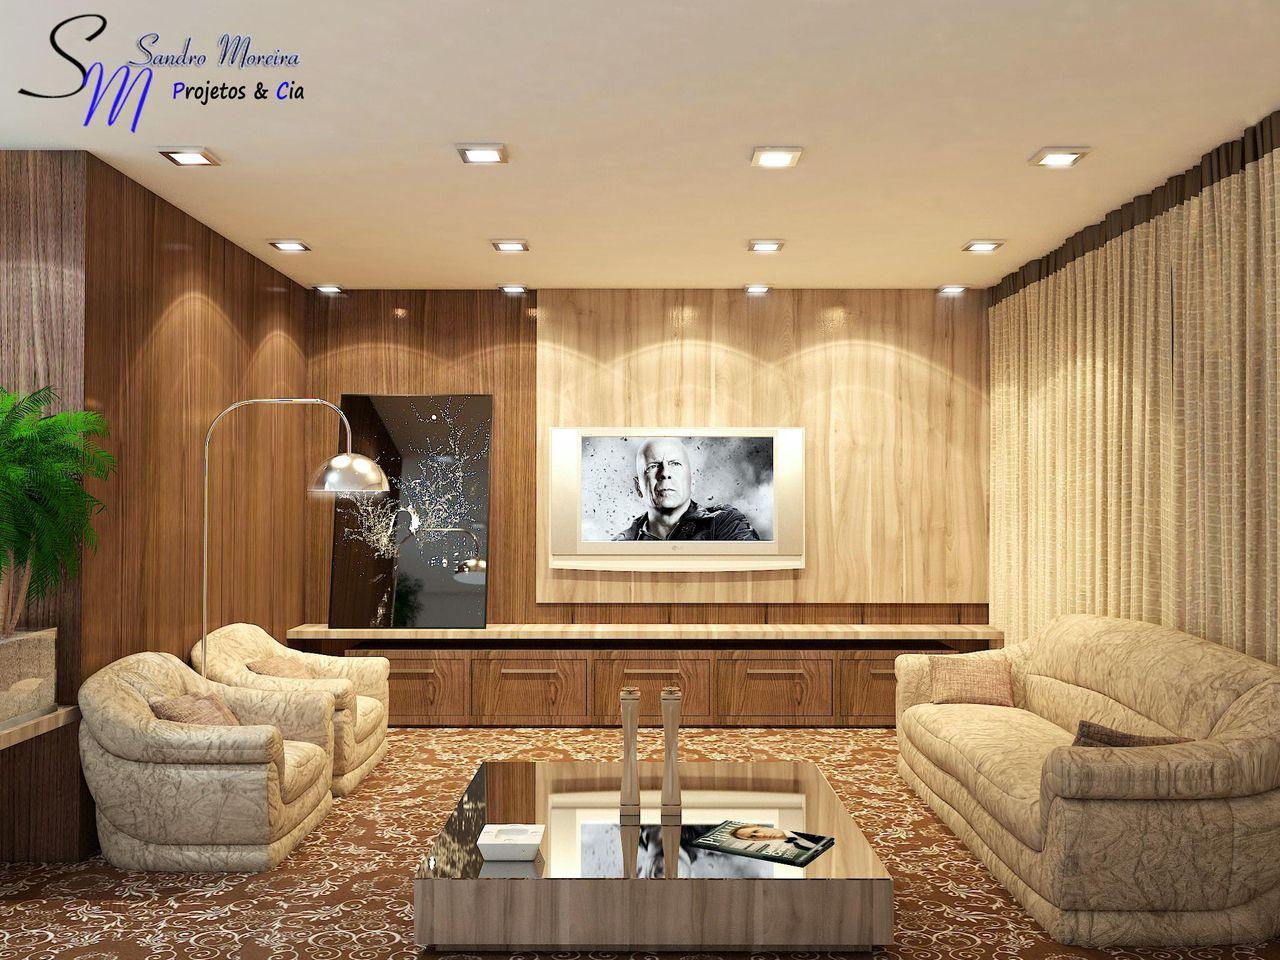 Sala De Estar Com Ilumina O Em Spot De Sandro Moreira 47057 No  -> Spot De Parede Para Sala